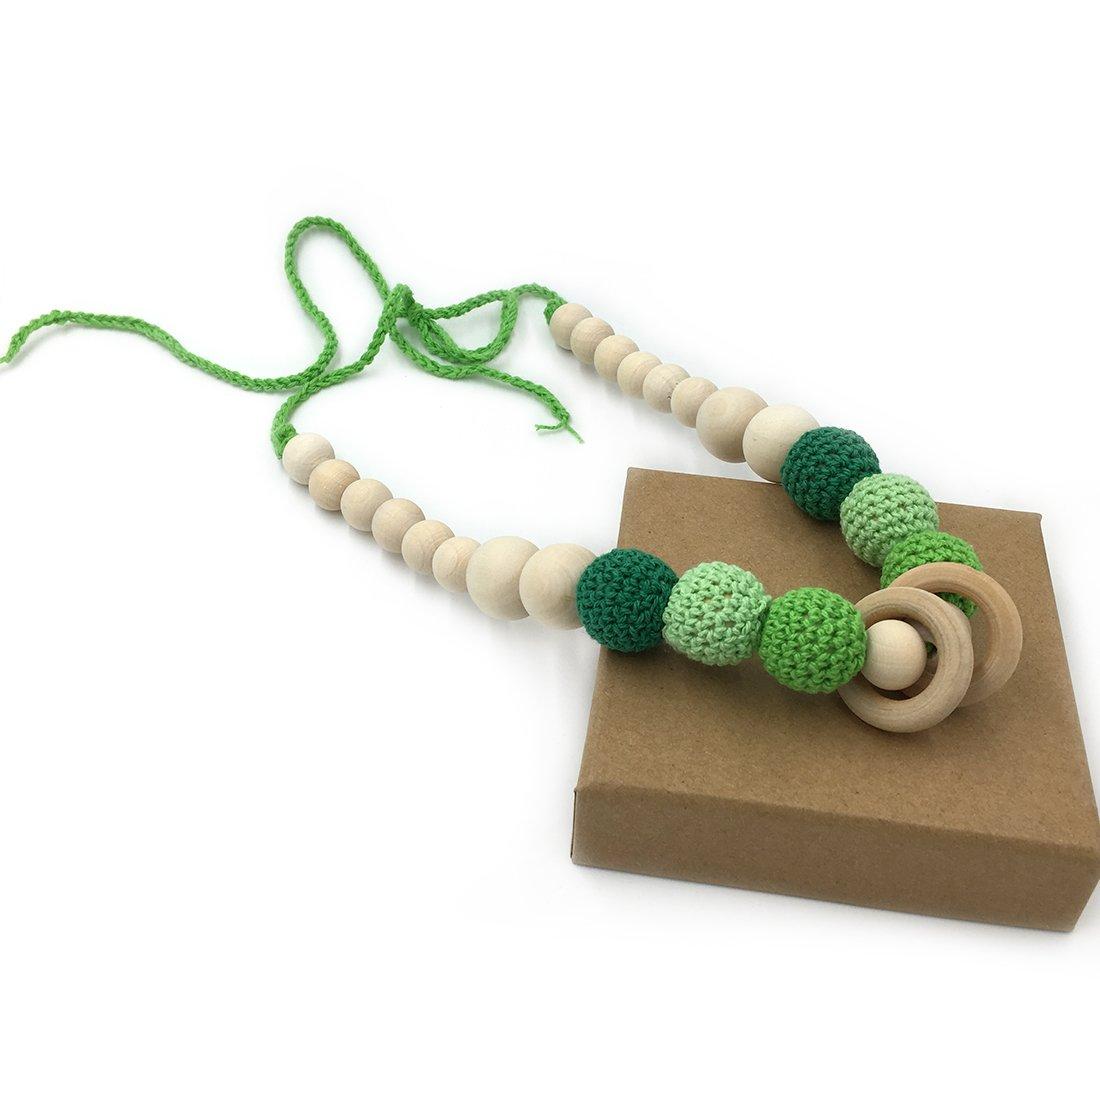 Azul Coskiss Azul Collares de ganchillo Collar de dientes de beb/é Collar de dentici/ón seguro con juguete de madera hecho a mano natural org/ánica Mam/á Collar de dientes de madera para ni/ños